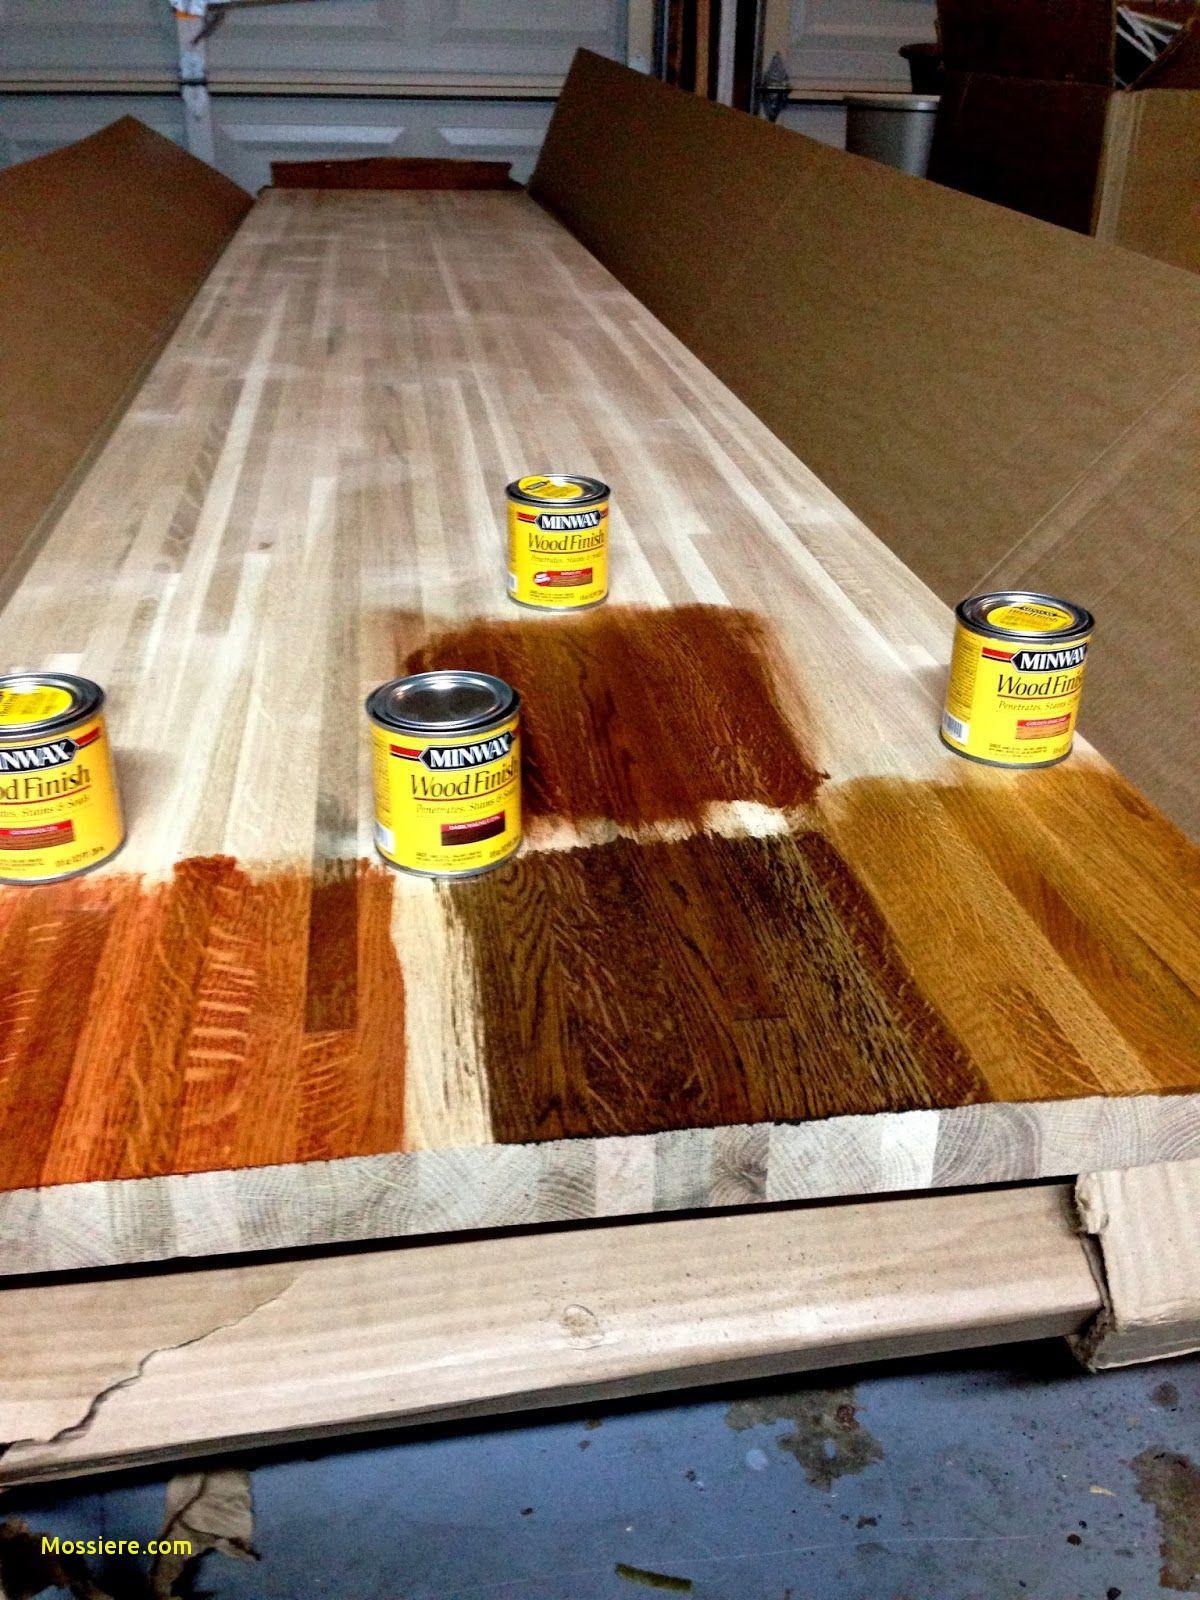 hardwood floor filler of diy wood kitchen countertops new stain for butcher block countertop within diy wood kitchen countertops new stain for butcher block countertop elegant diy kitchen remodel